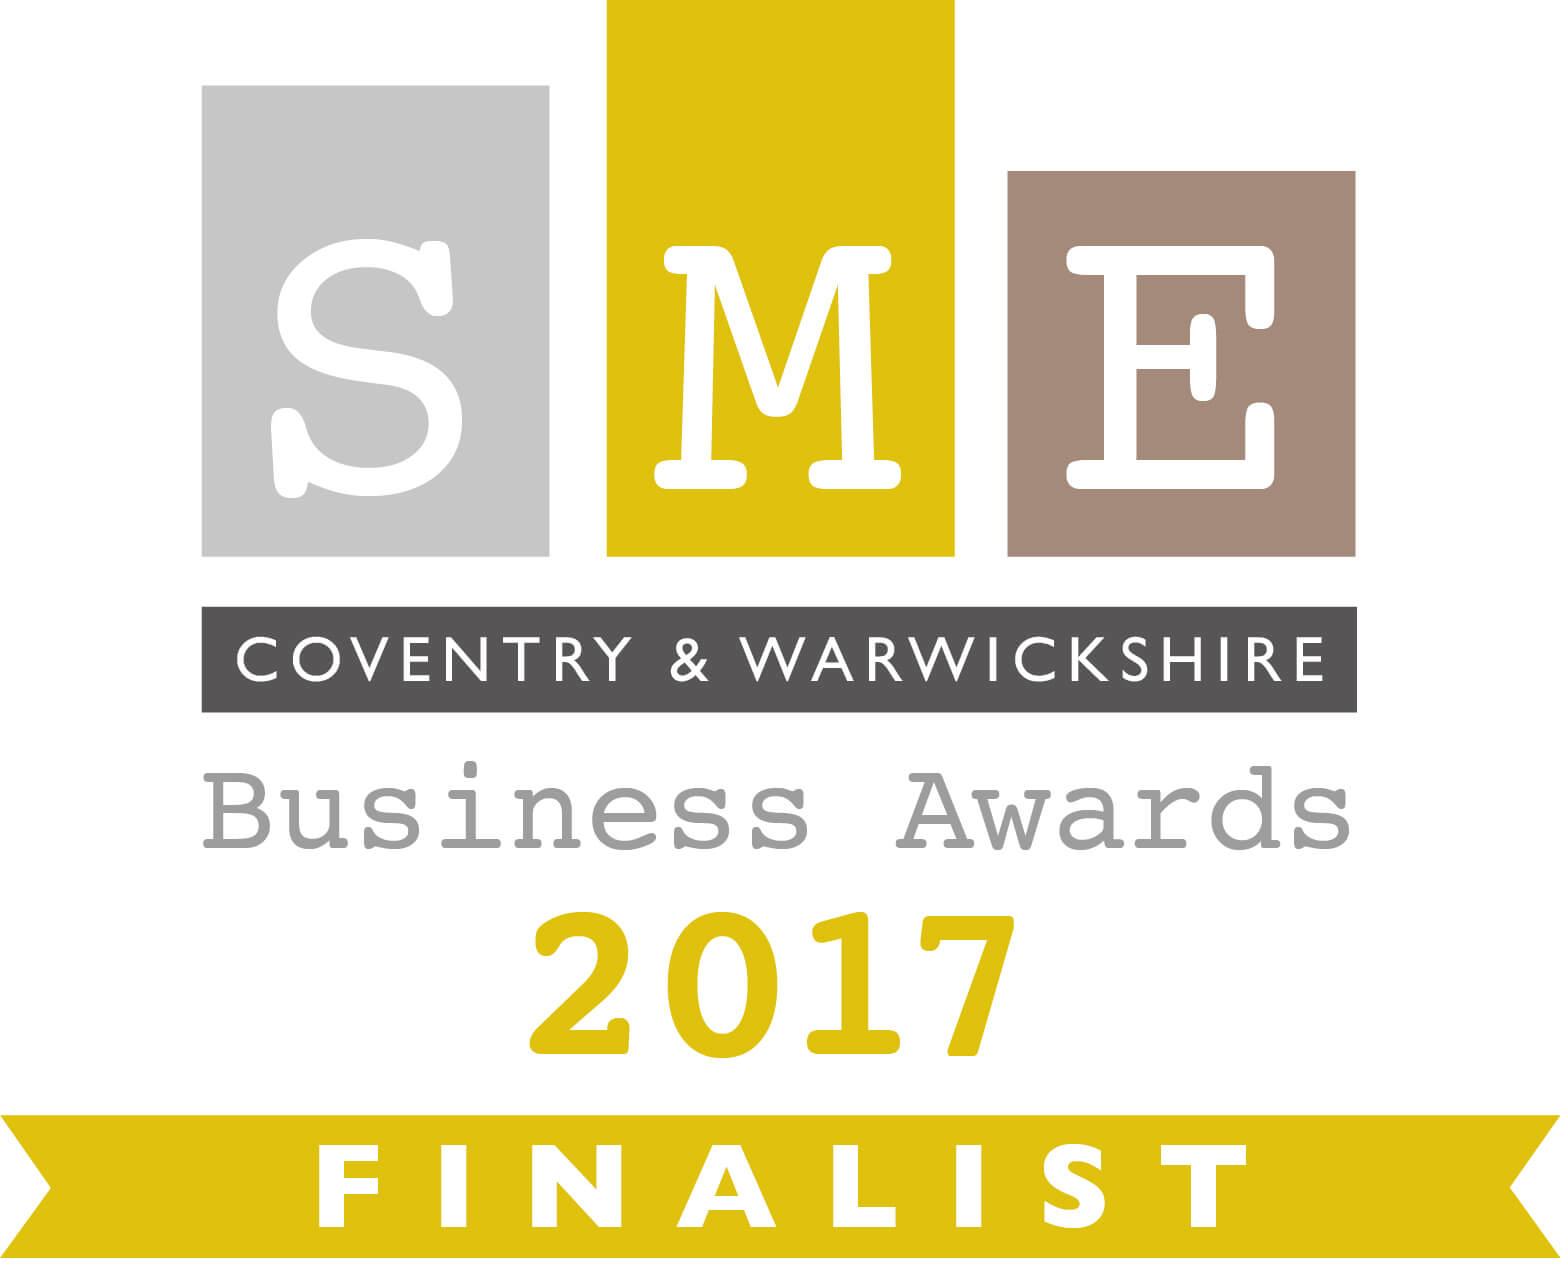 SME-Cov-Warwick-Business-Award_Finalist_2017-003